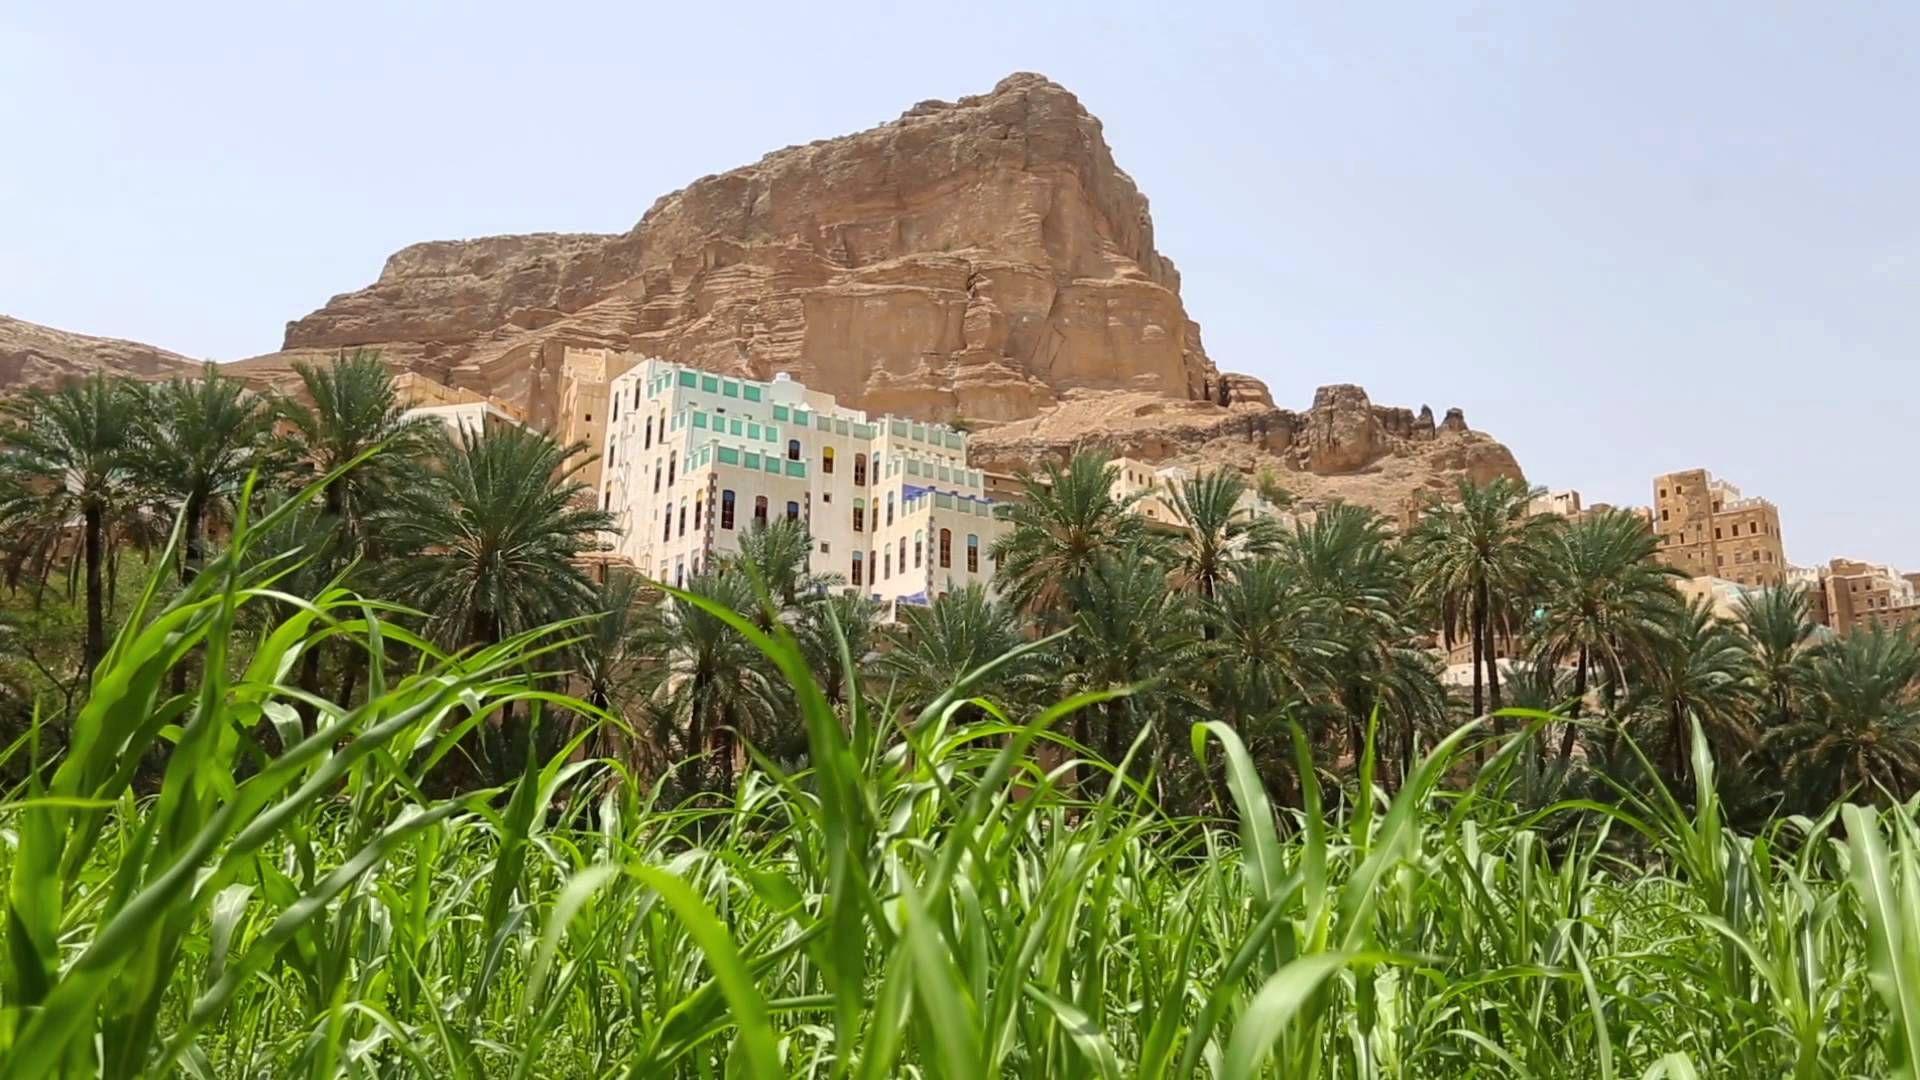 حضرموت حضارة Hadramout Civilization Monument Valley Natural Landmarks Monument